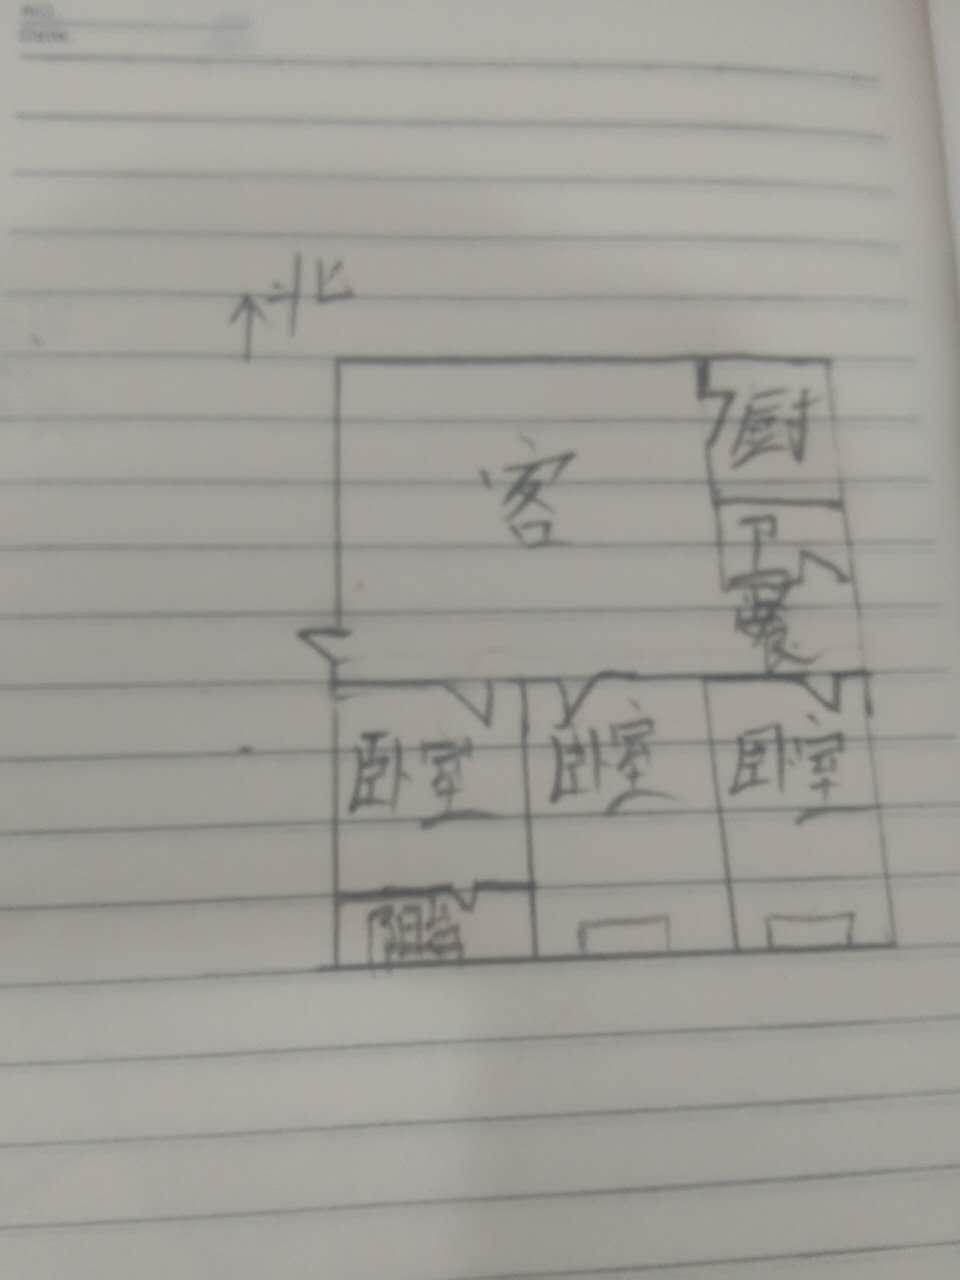 鑫龙家园 3室2厅 5楼